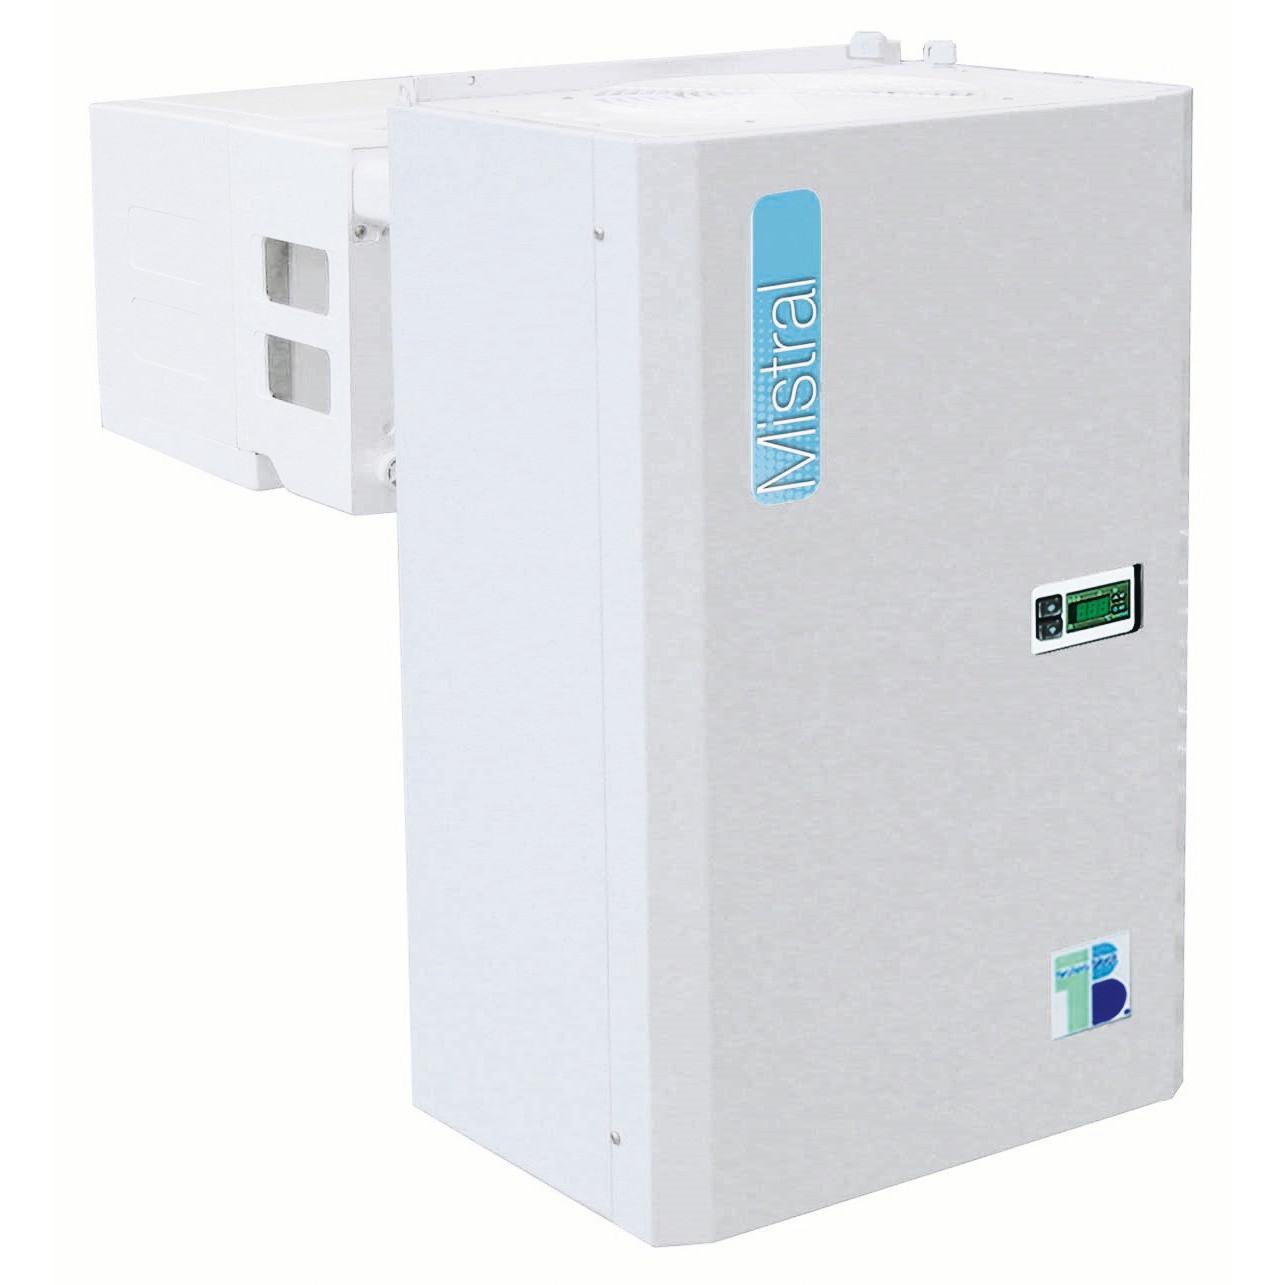 Huckepack-Tiefkühlaggregat für Kühlzelle (Kühlzellenmodel aus Katalog entnehmen)